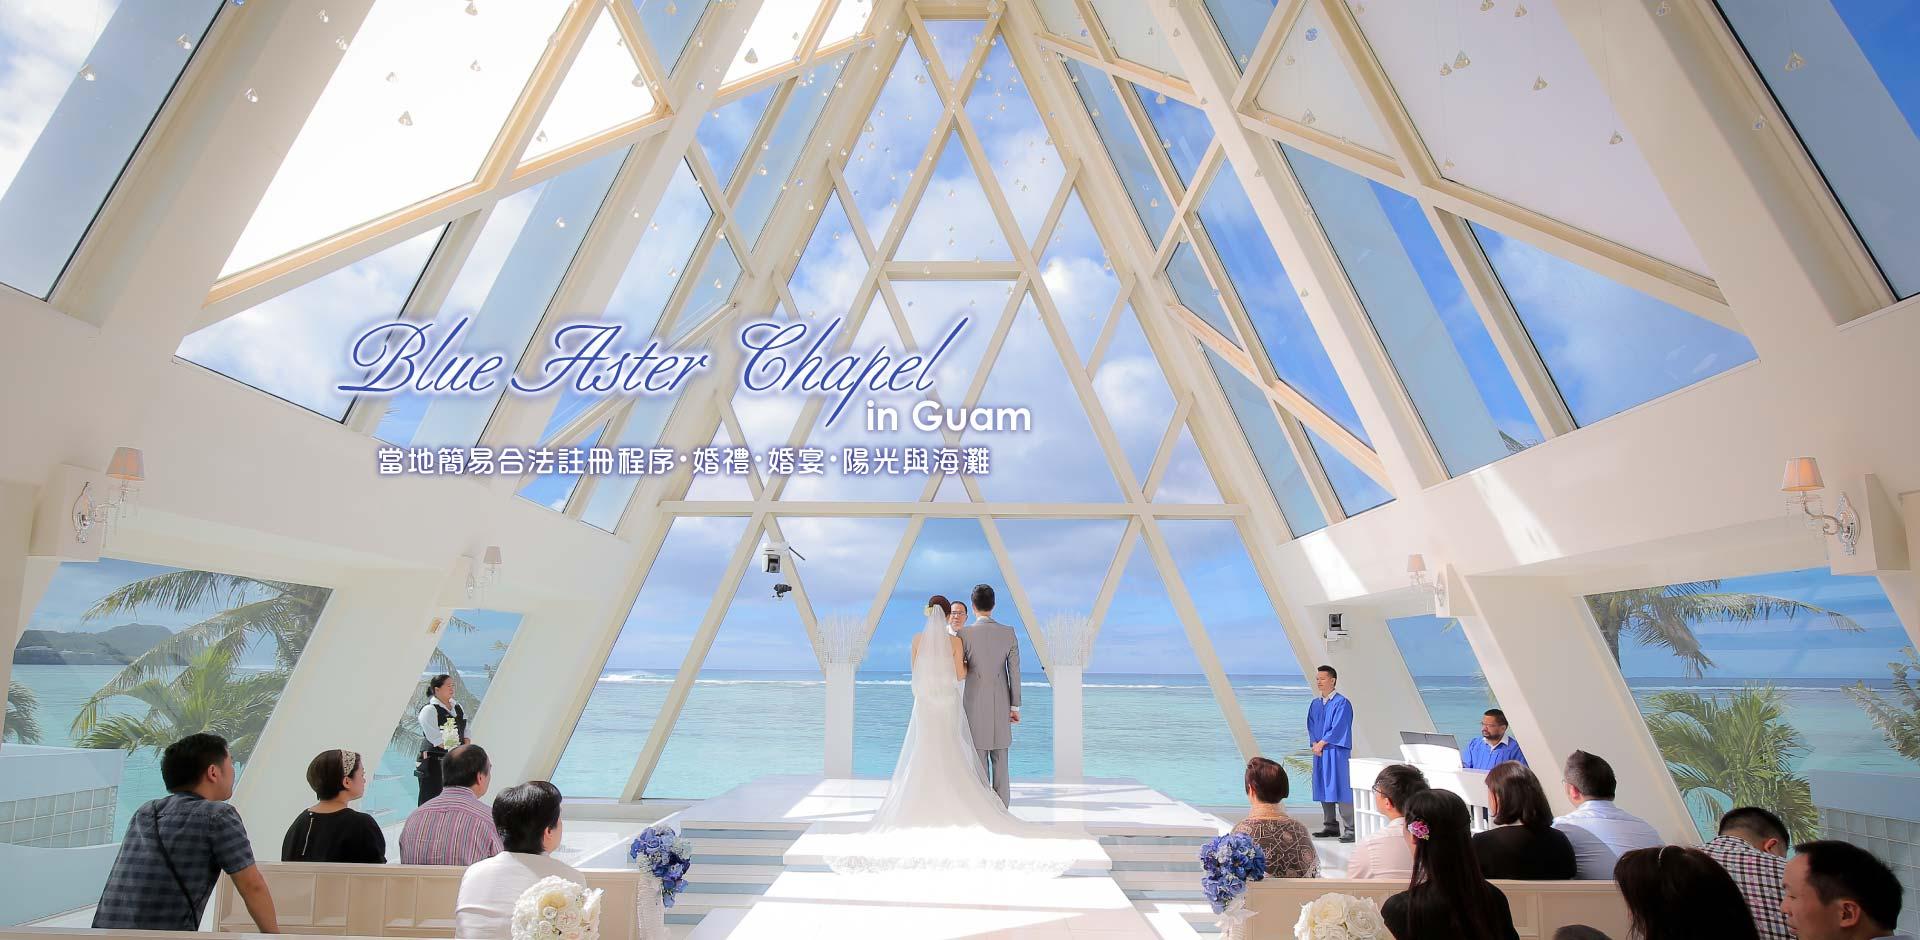 關島婚禮,Blue Aster,海外婚禮,旅行結婚,關島結婚,合法註冊,幸福藍星教堂,watabe